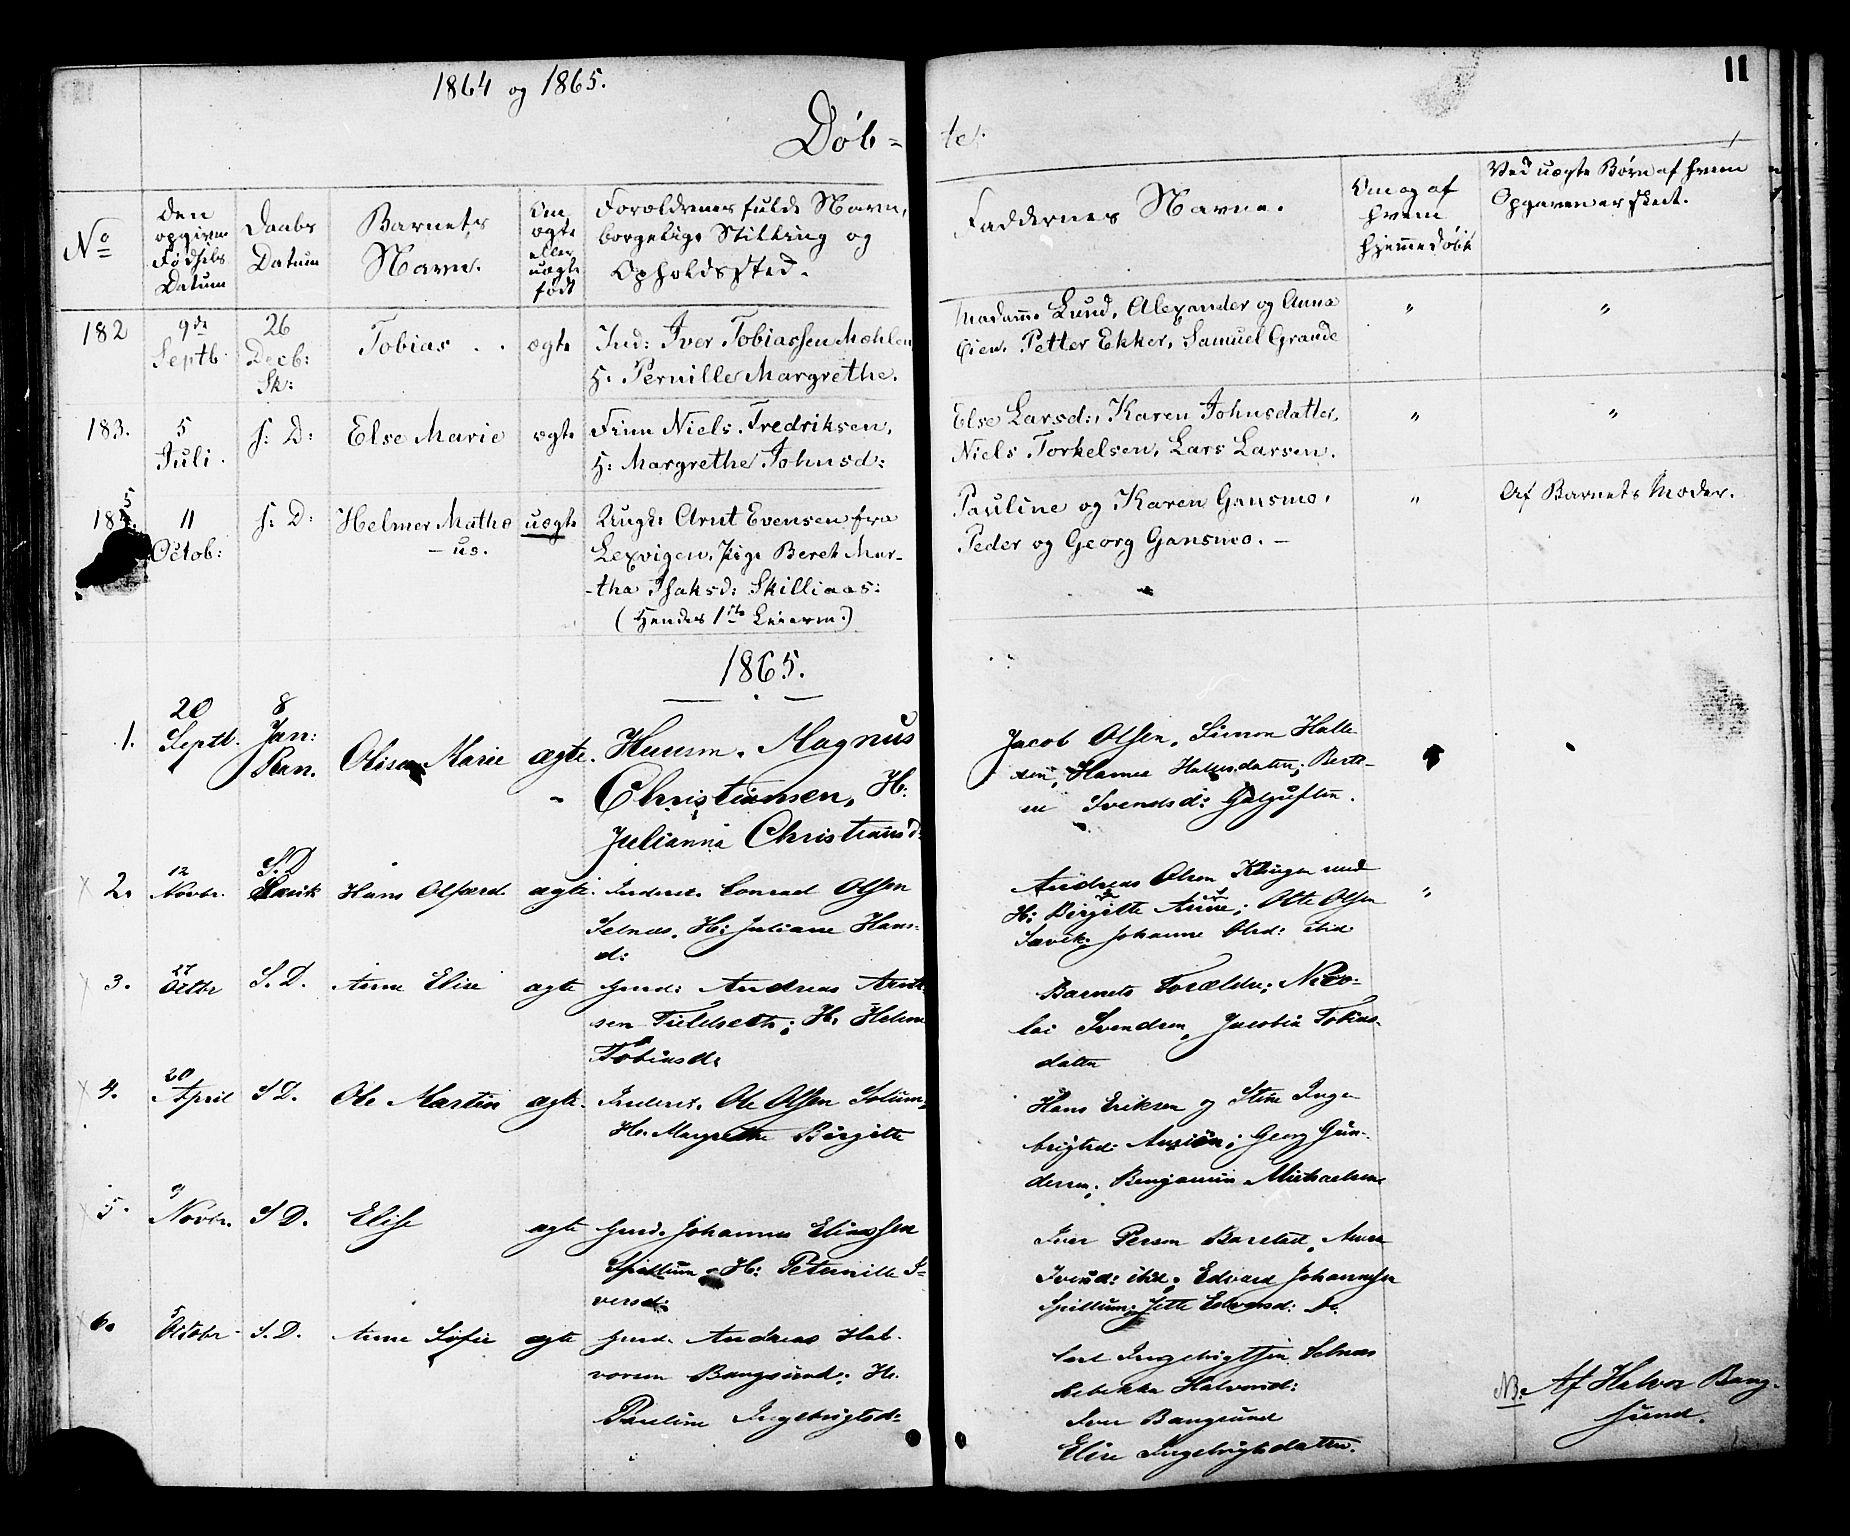 SAT, Ministerialprotokoller, klokkerbøker og fødselsregistre - Nord-Trøndelag, 764/L0553: Ministerialbok nr. 764A08, 1858-1880, s. 11